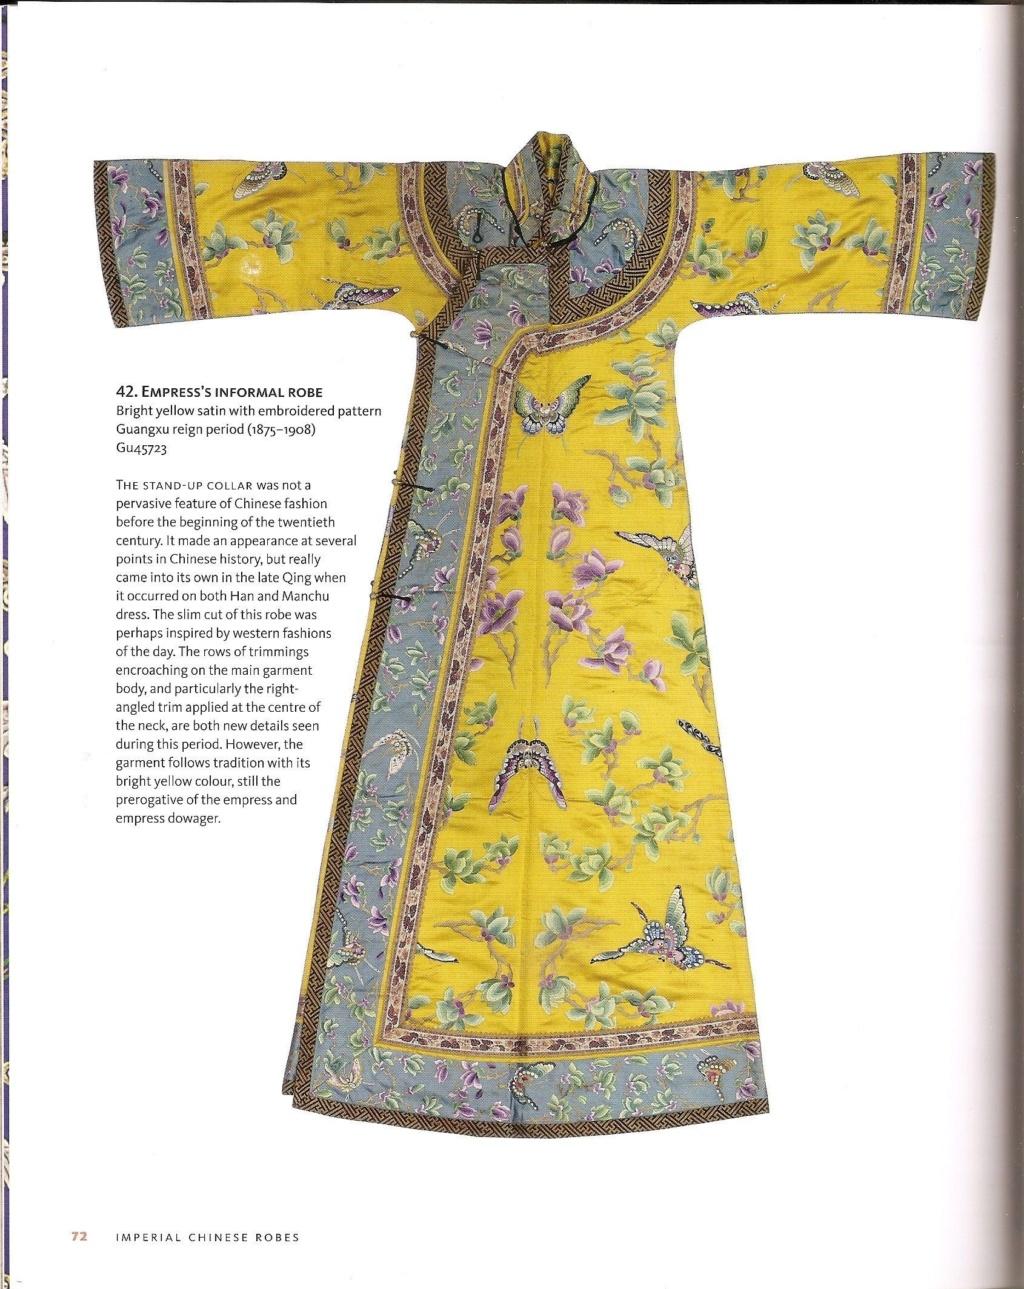 Série : The Legend of Zhen Huan (Empresses in the Palace), les atours de l'aristocratie chinoise au XVIIIe siècle C0f25610